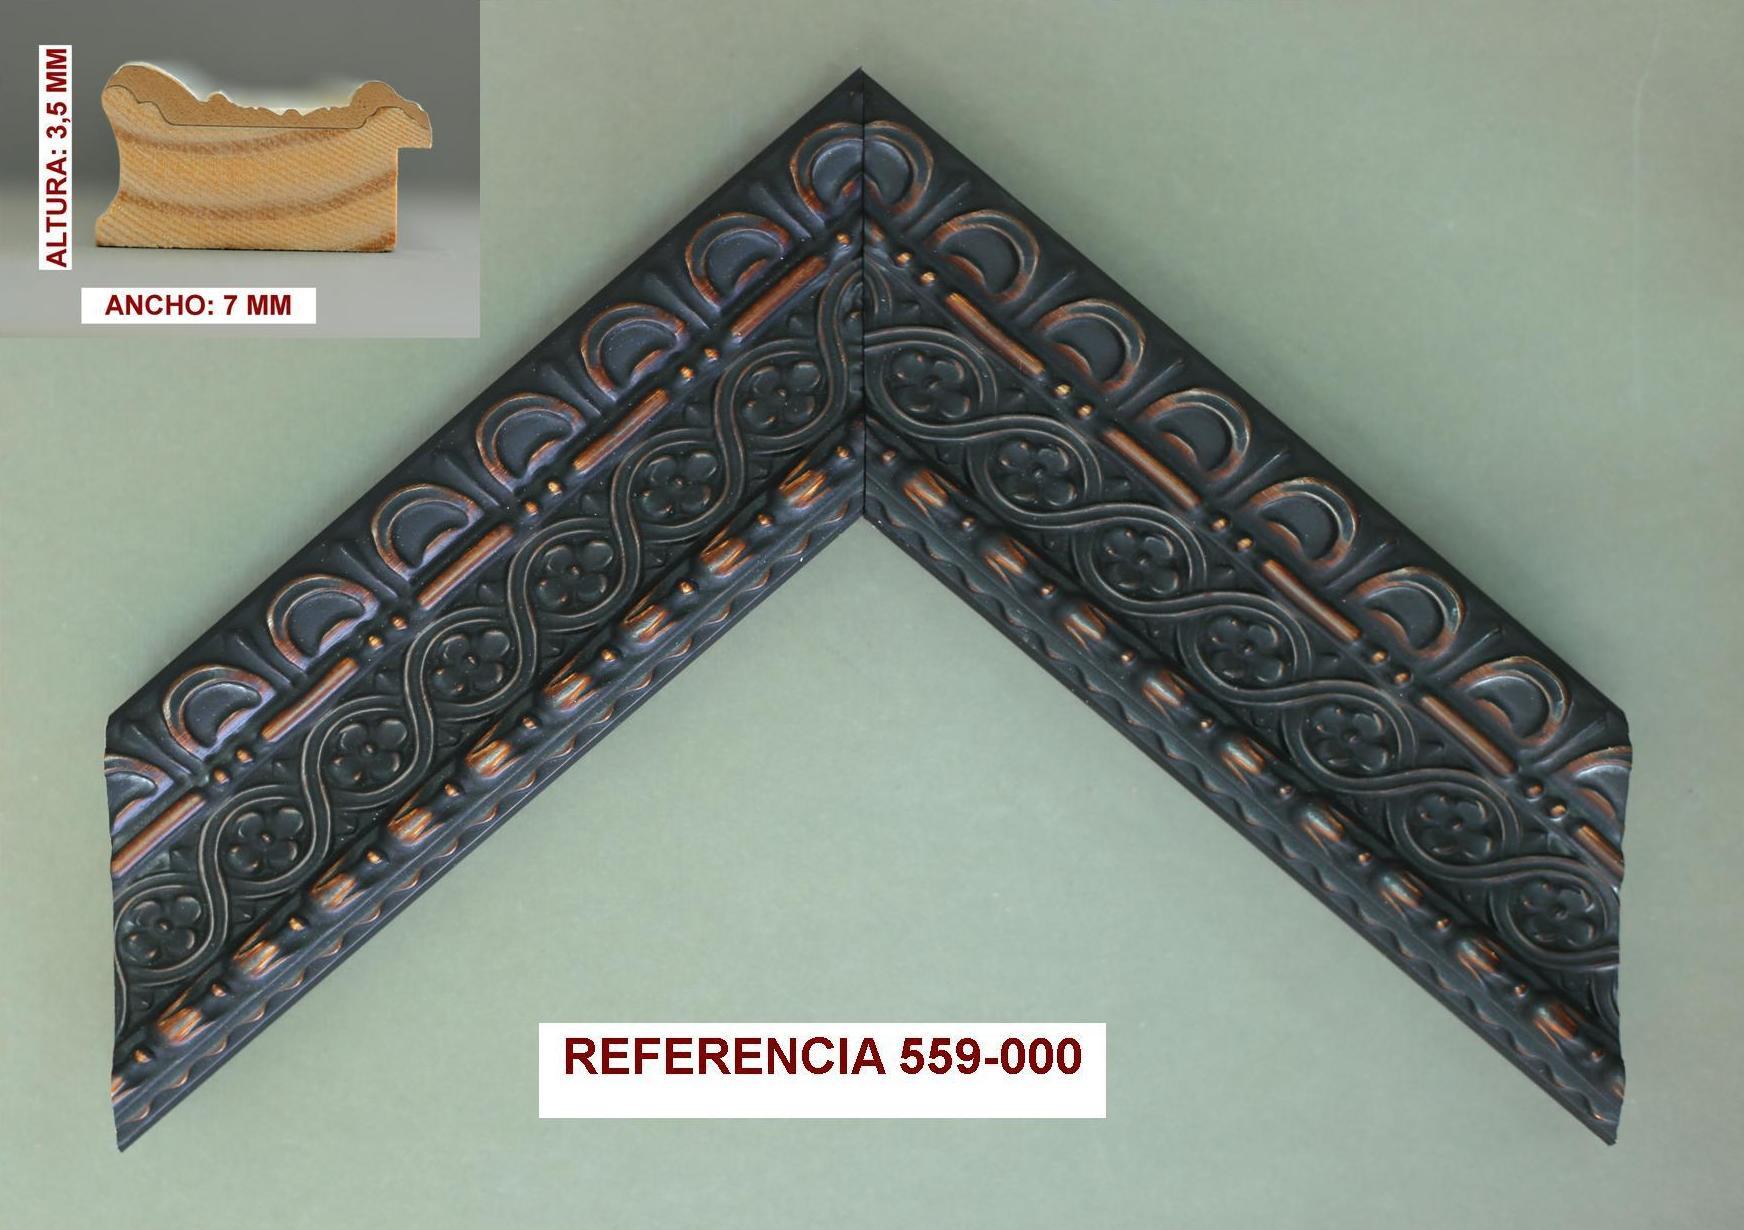 REF 559-000: Muestrario de Moldusevilla